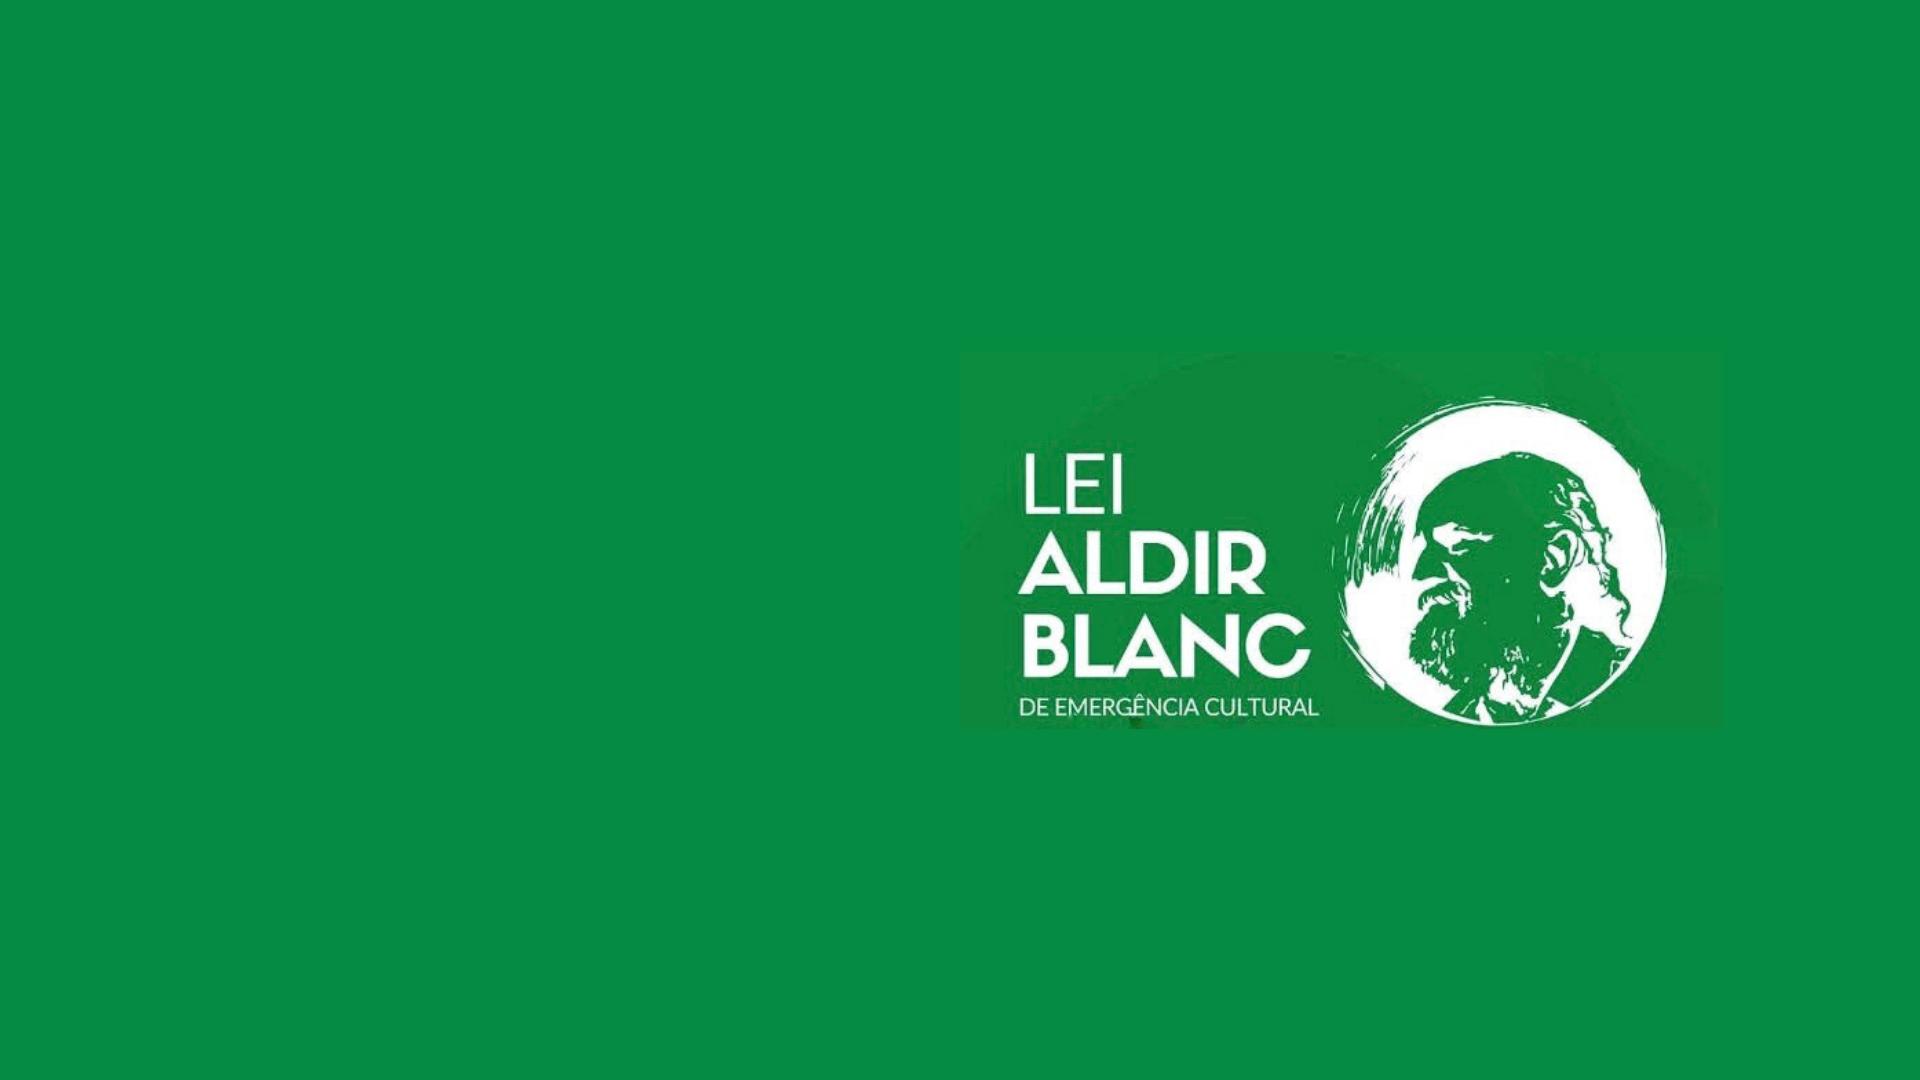 Resultado preliminar das propostas selecionadas – Edital Culturas Indígenas e Edital Cultura Afro – Lei Aldir Blanc/Pará